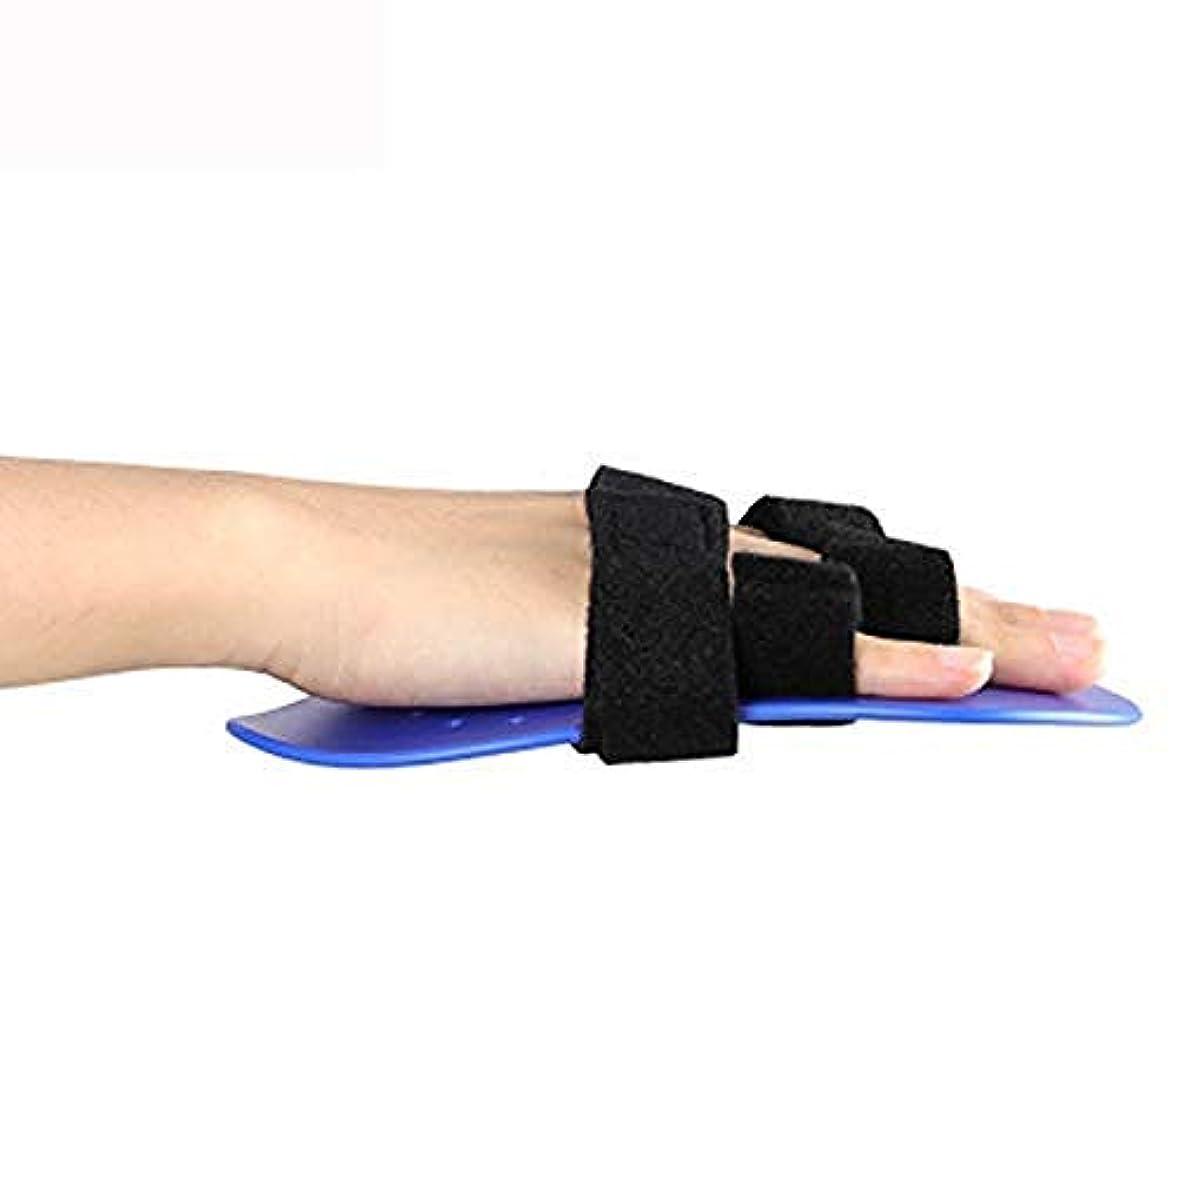 収穫作者取り戻すトリガー指副木、手首支持装置指セパレーター装具手根管関節痛緩和装具,Left Hand-S